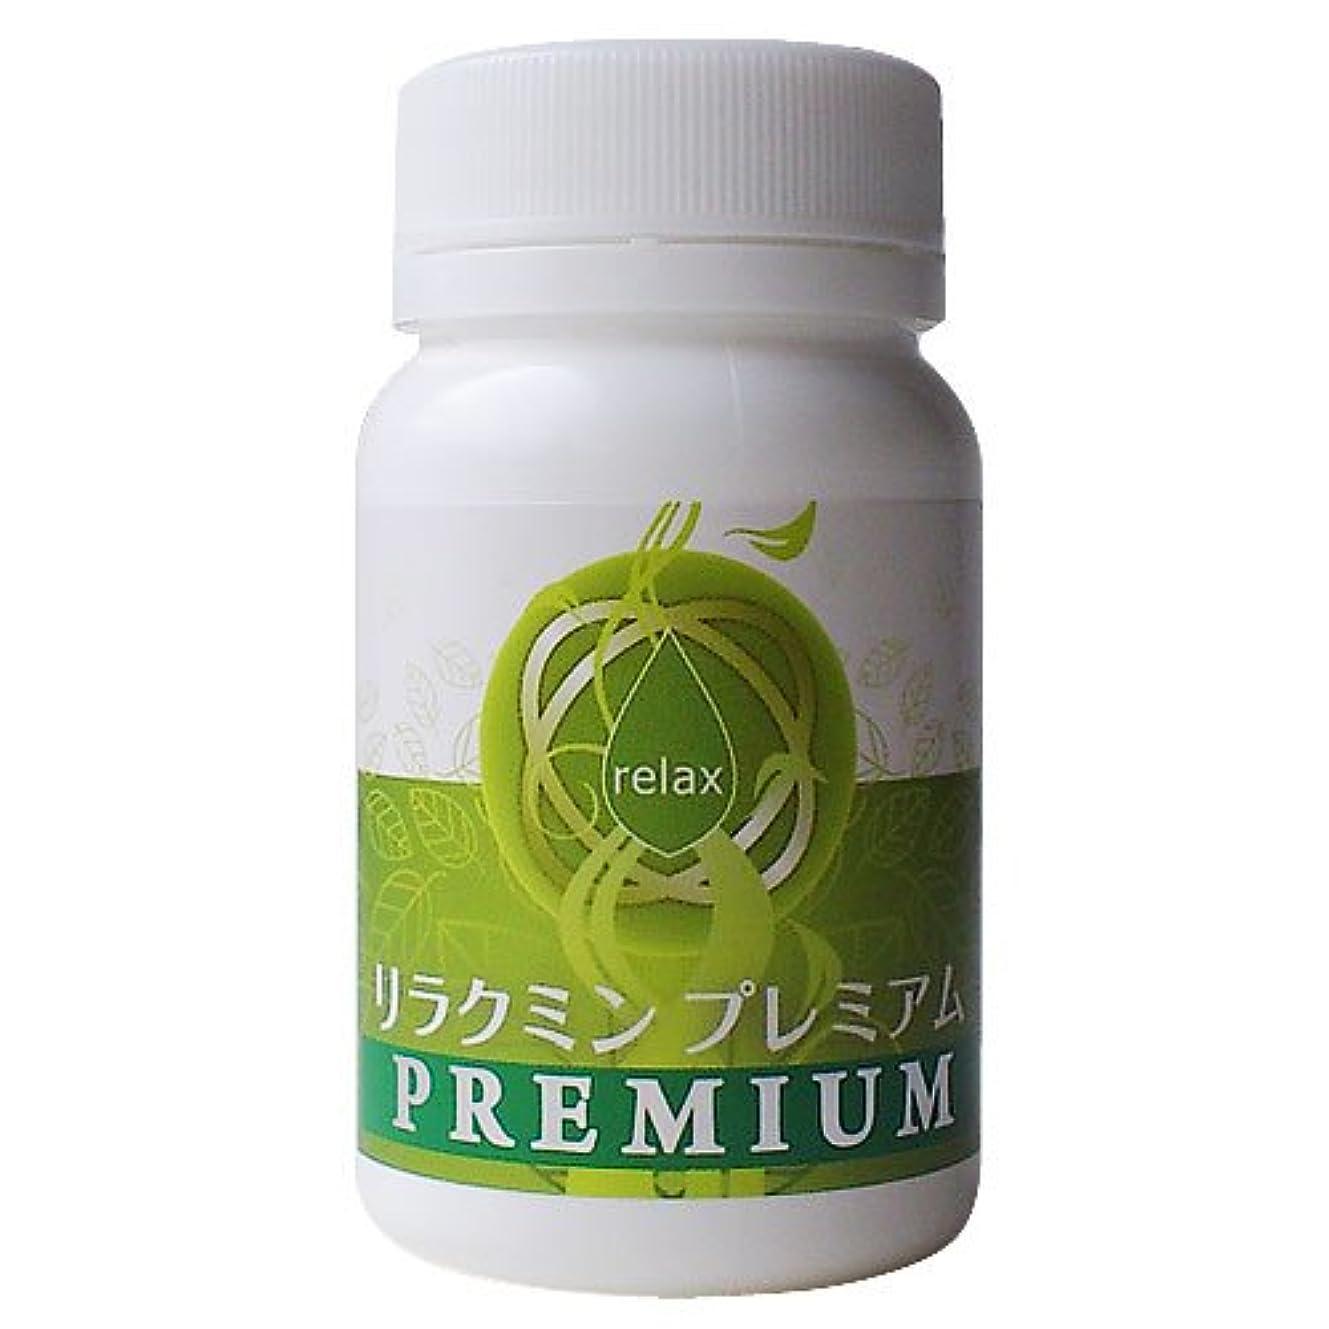 オープナーリストフックセロトニン サプリ (日本製) ギャバ DHA EPA ラフマ葉 イチョウ葉 エゾウコギ [リラクミンプレミアム 1本] 150粒入 (約1か月分) リラクミン サプリメント